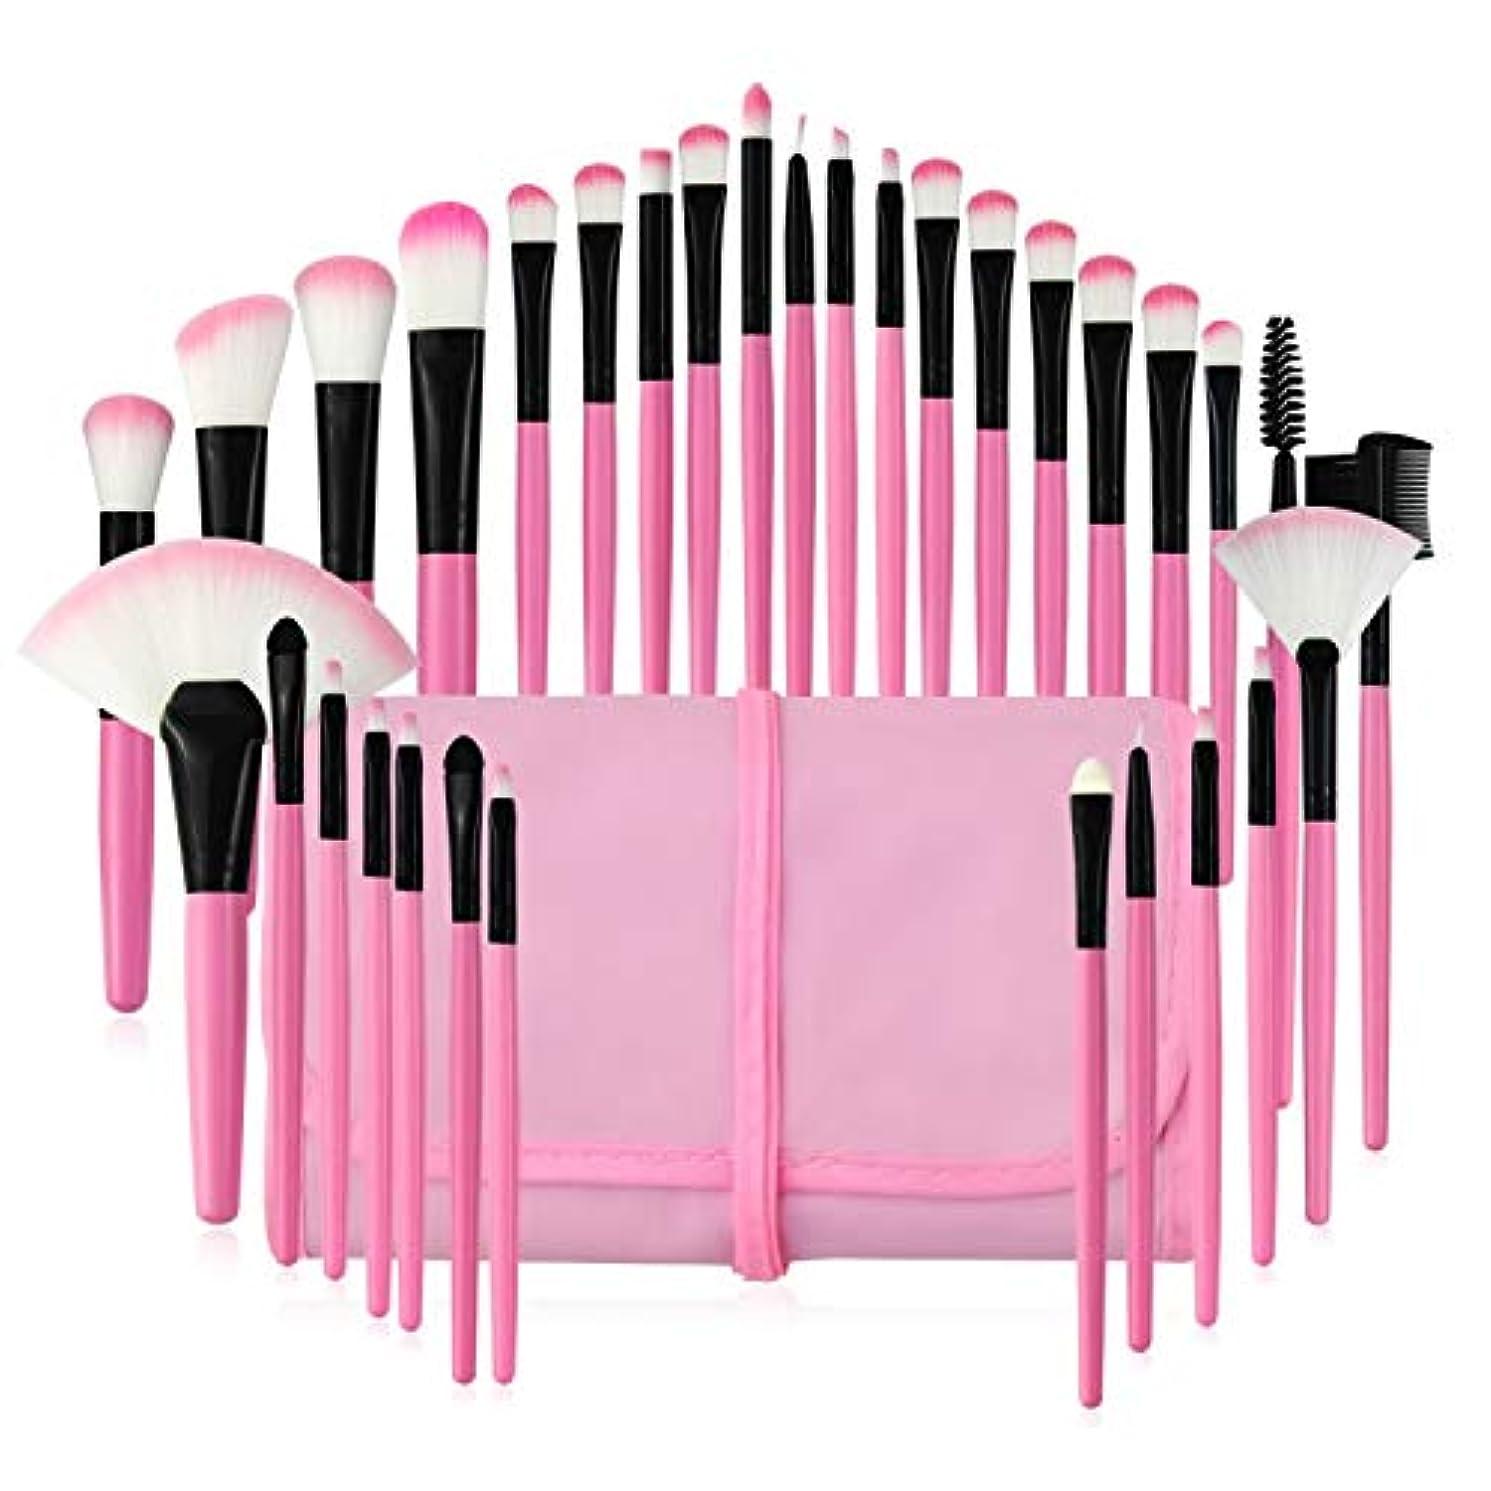 感情の反動労働メイクブラシ32本 セット フェイスブラシ 化粧筆 化粧ブラシ おしゃれ 超柔らかい 高級繊維毛 化粧ポーチ付き 高級タクロン 日常の化粧 集まる化粧(ピンク)